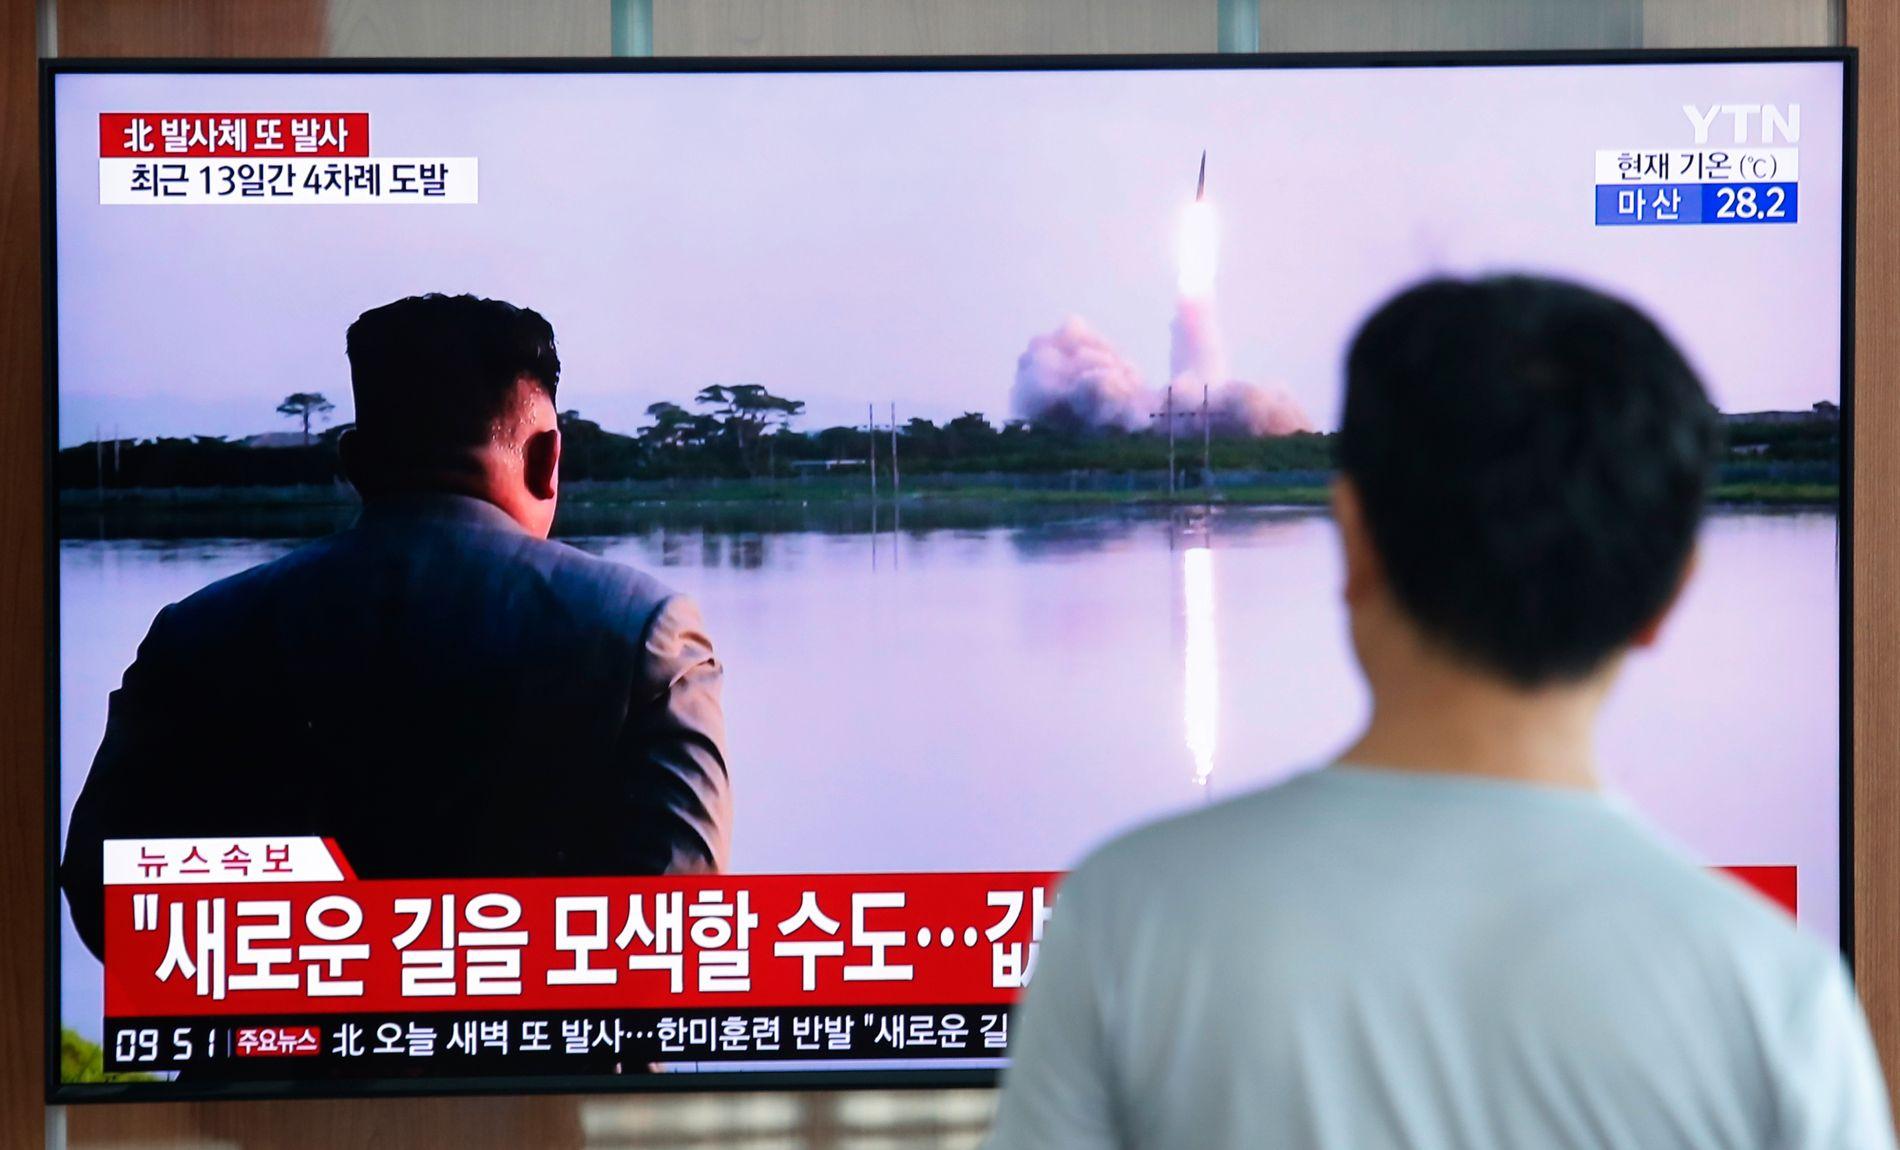 FØLGER MED: Tilskuere følger nok en rakettoppskyting fra Nord-Korea på TV, her tirsdag morgen på togstasjonen i Seoul i Sør-Korea.